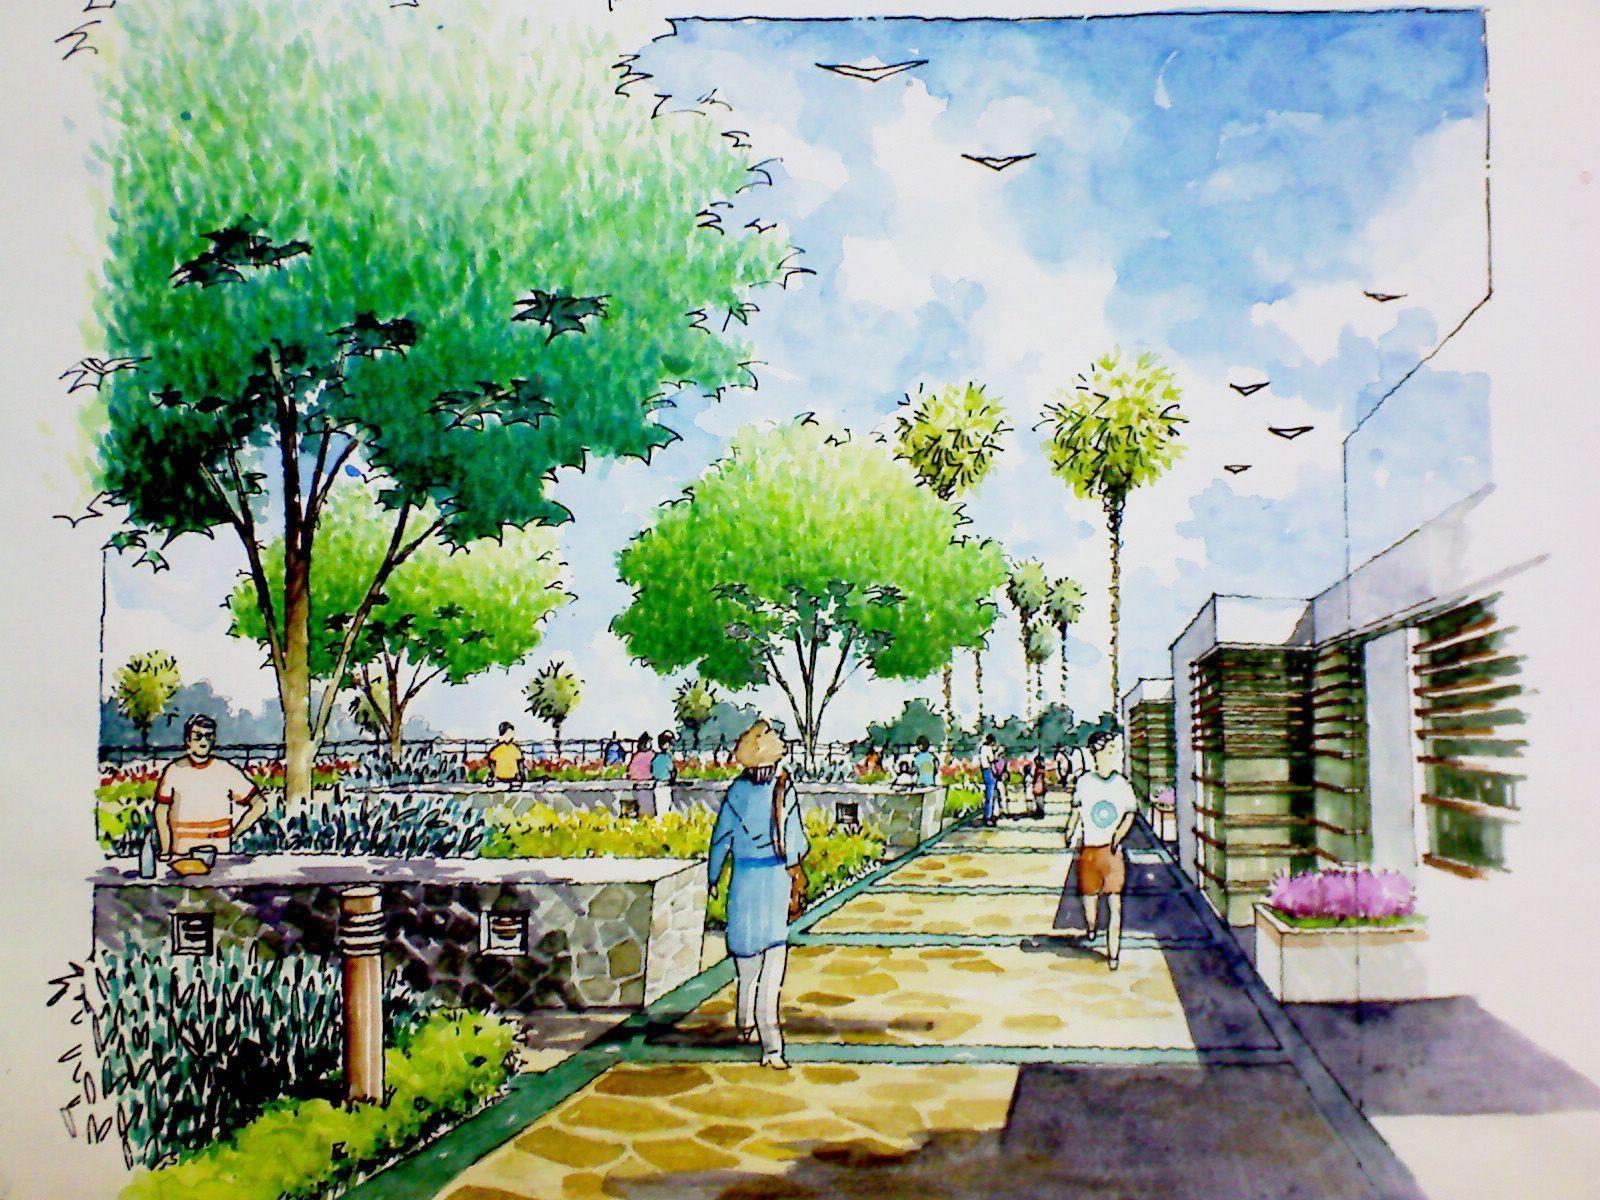 Landscape Design Perspective Central Plaza Modern Landscape Urban Design Landscape Corridor A Landscape Plaza Landscape Architecture Park Landscape Design